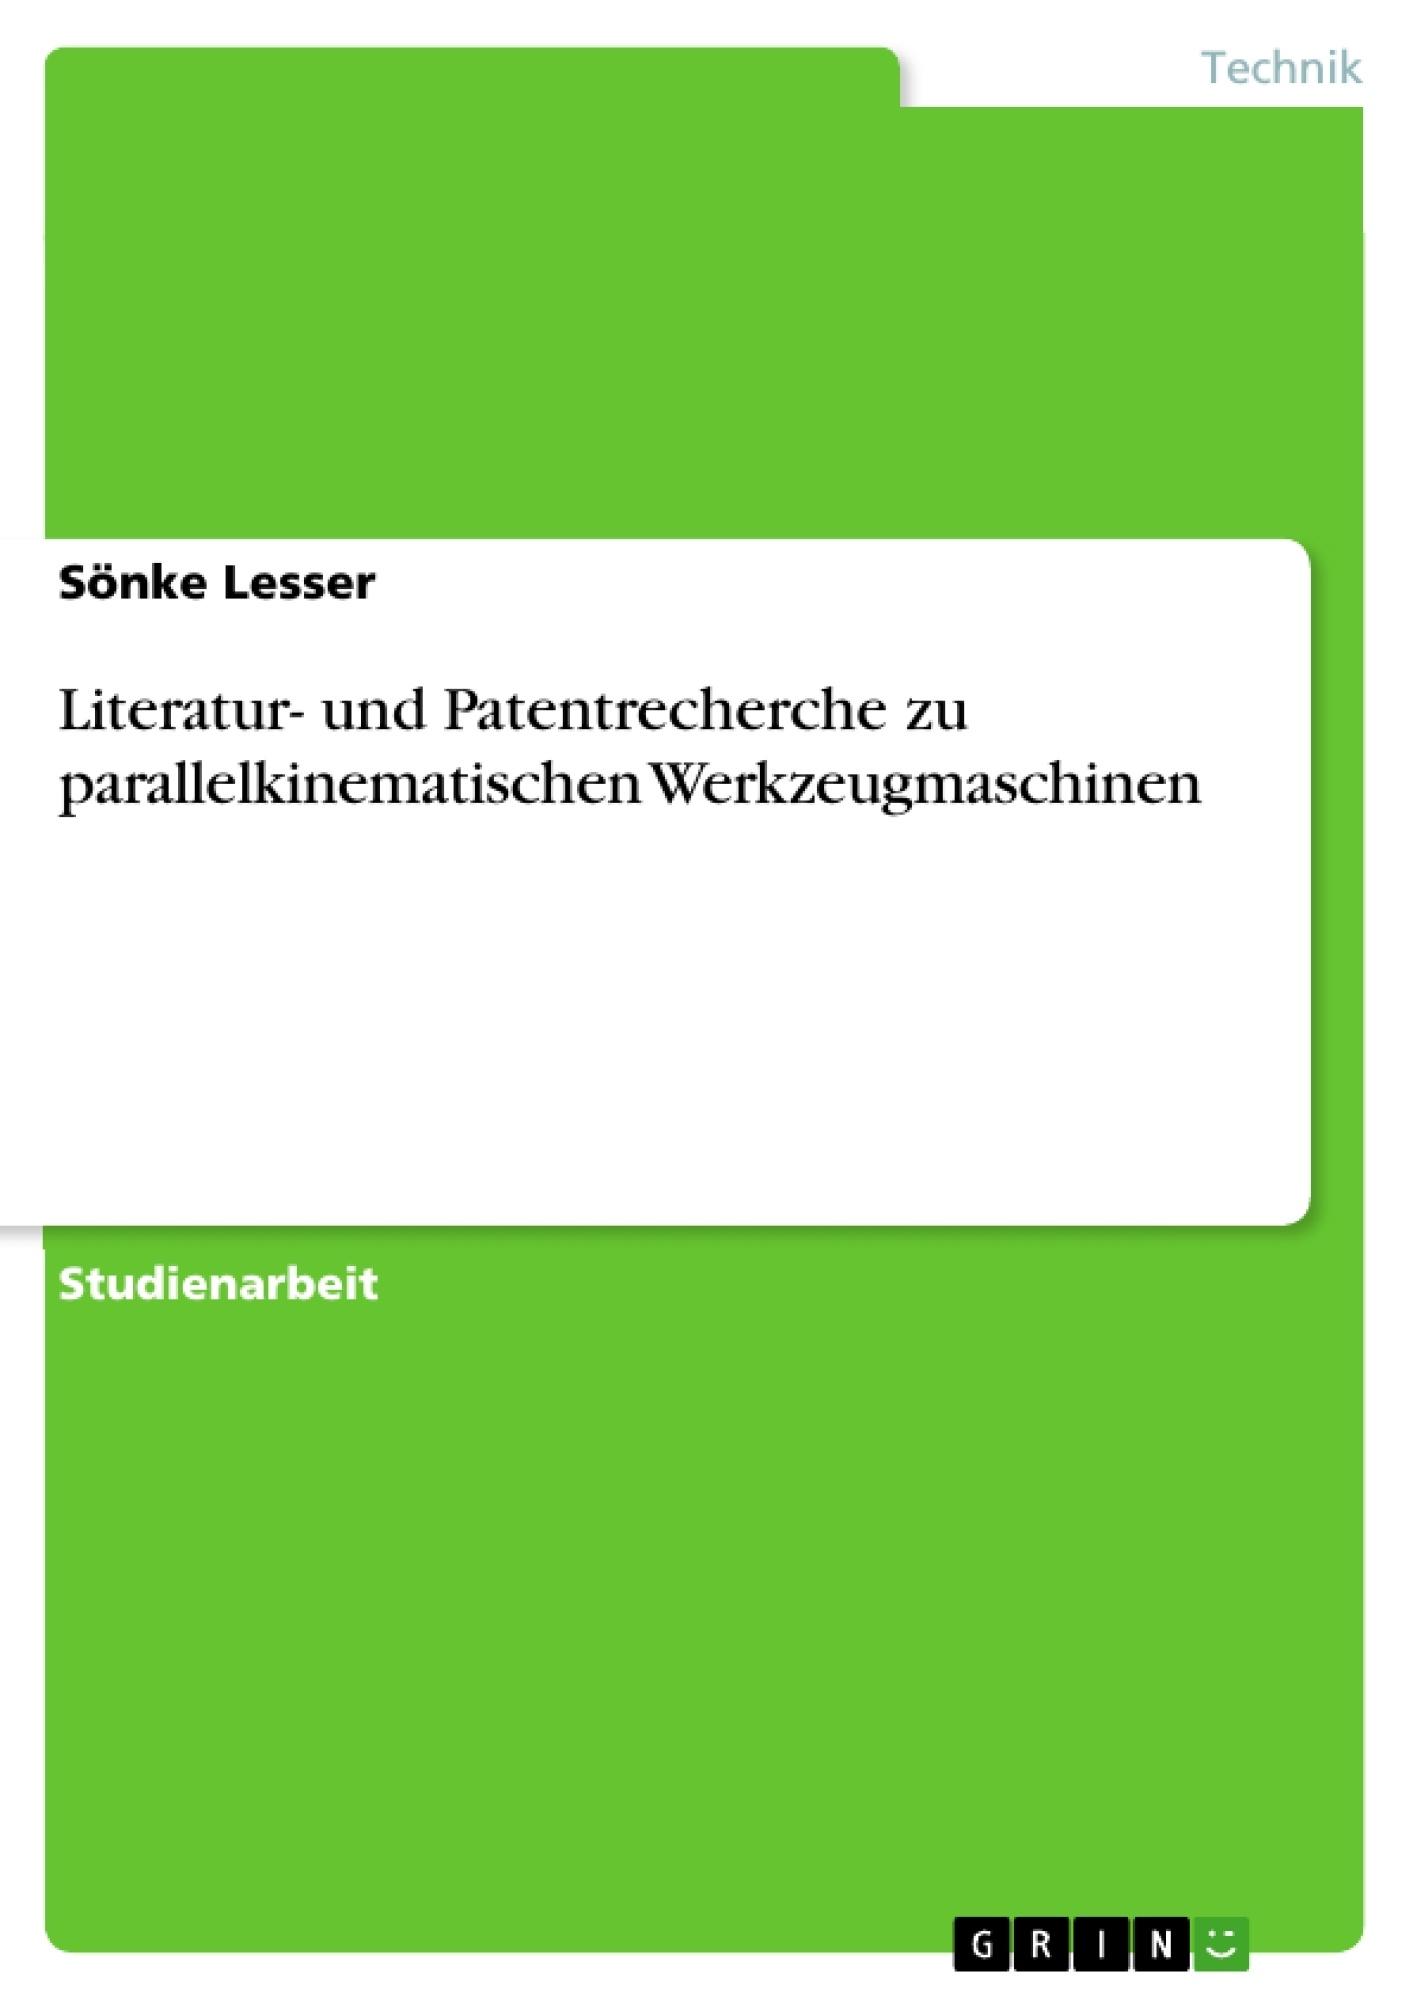 Titel: Literatur- und Patentrecherche zu parallelkinematischen Werkzeugmaschinen